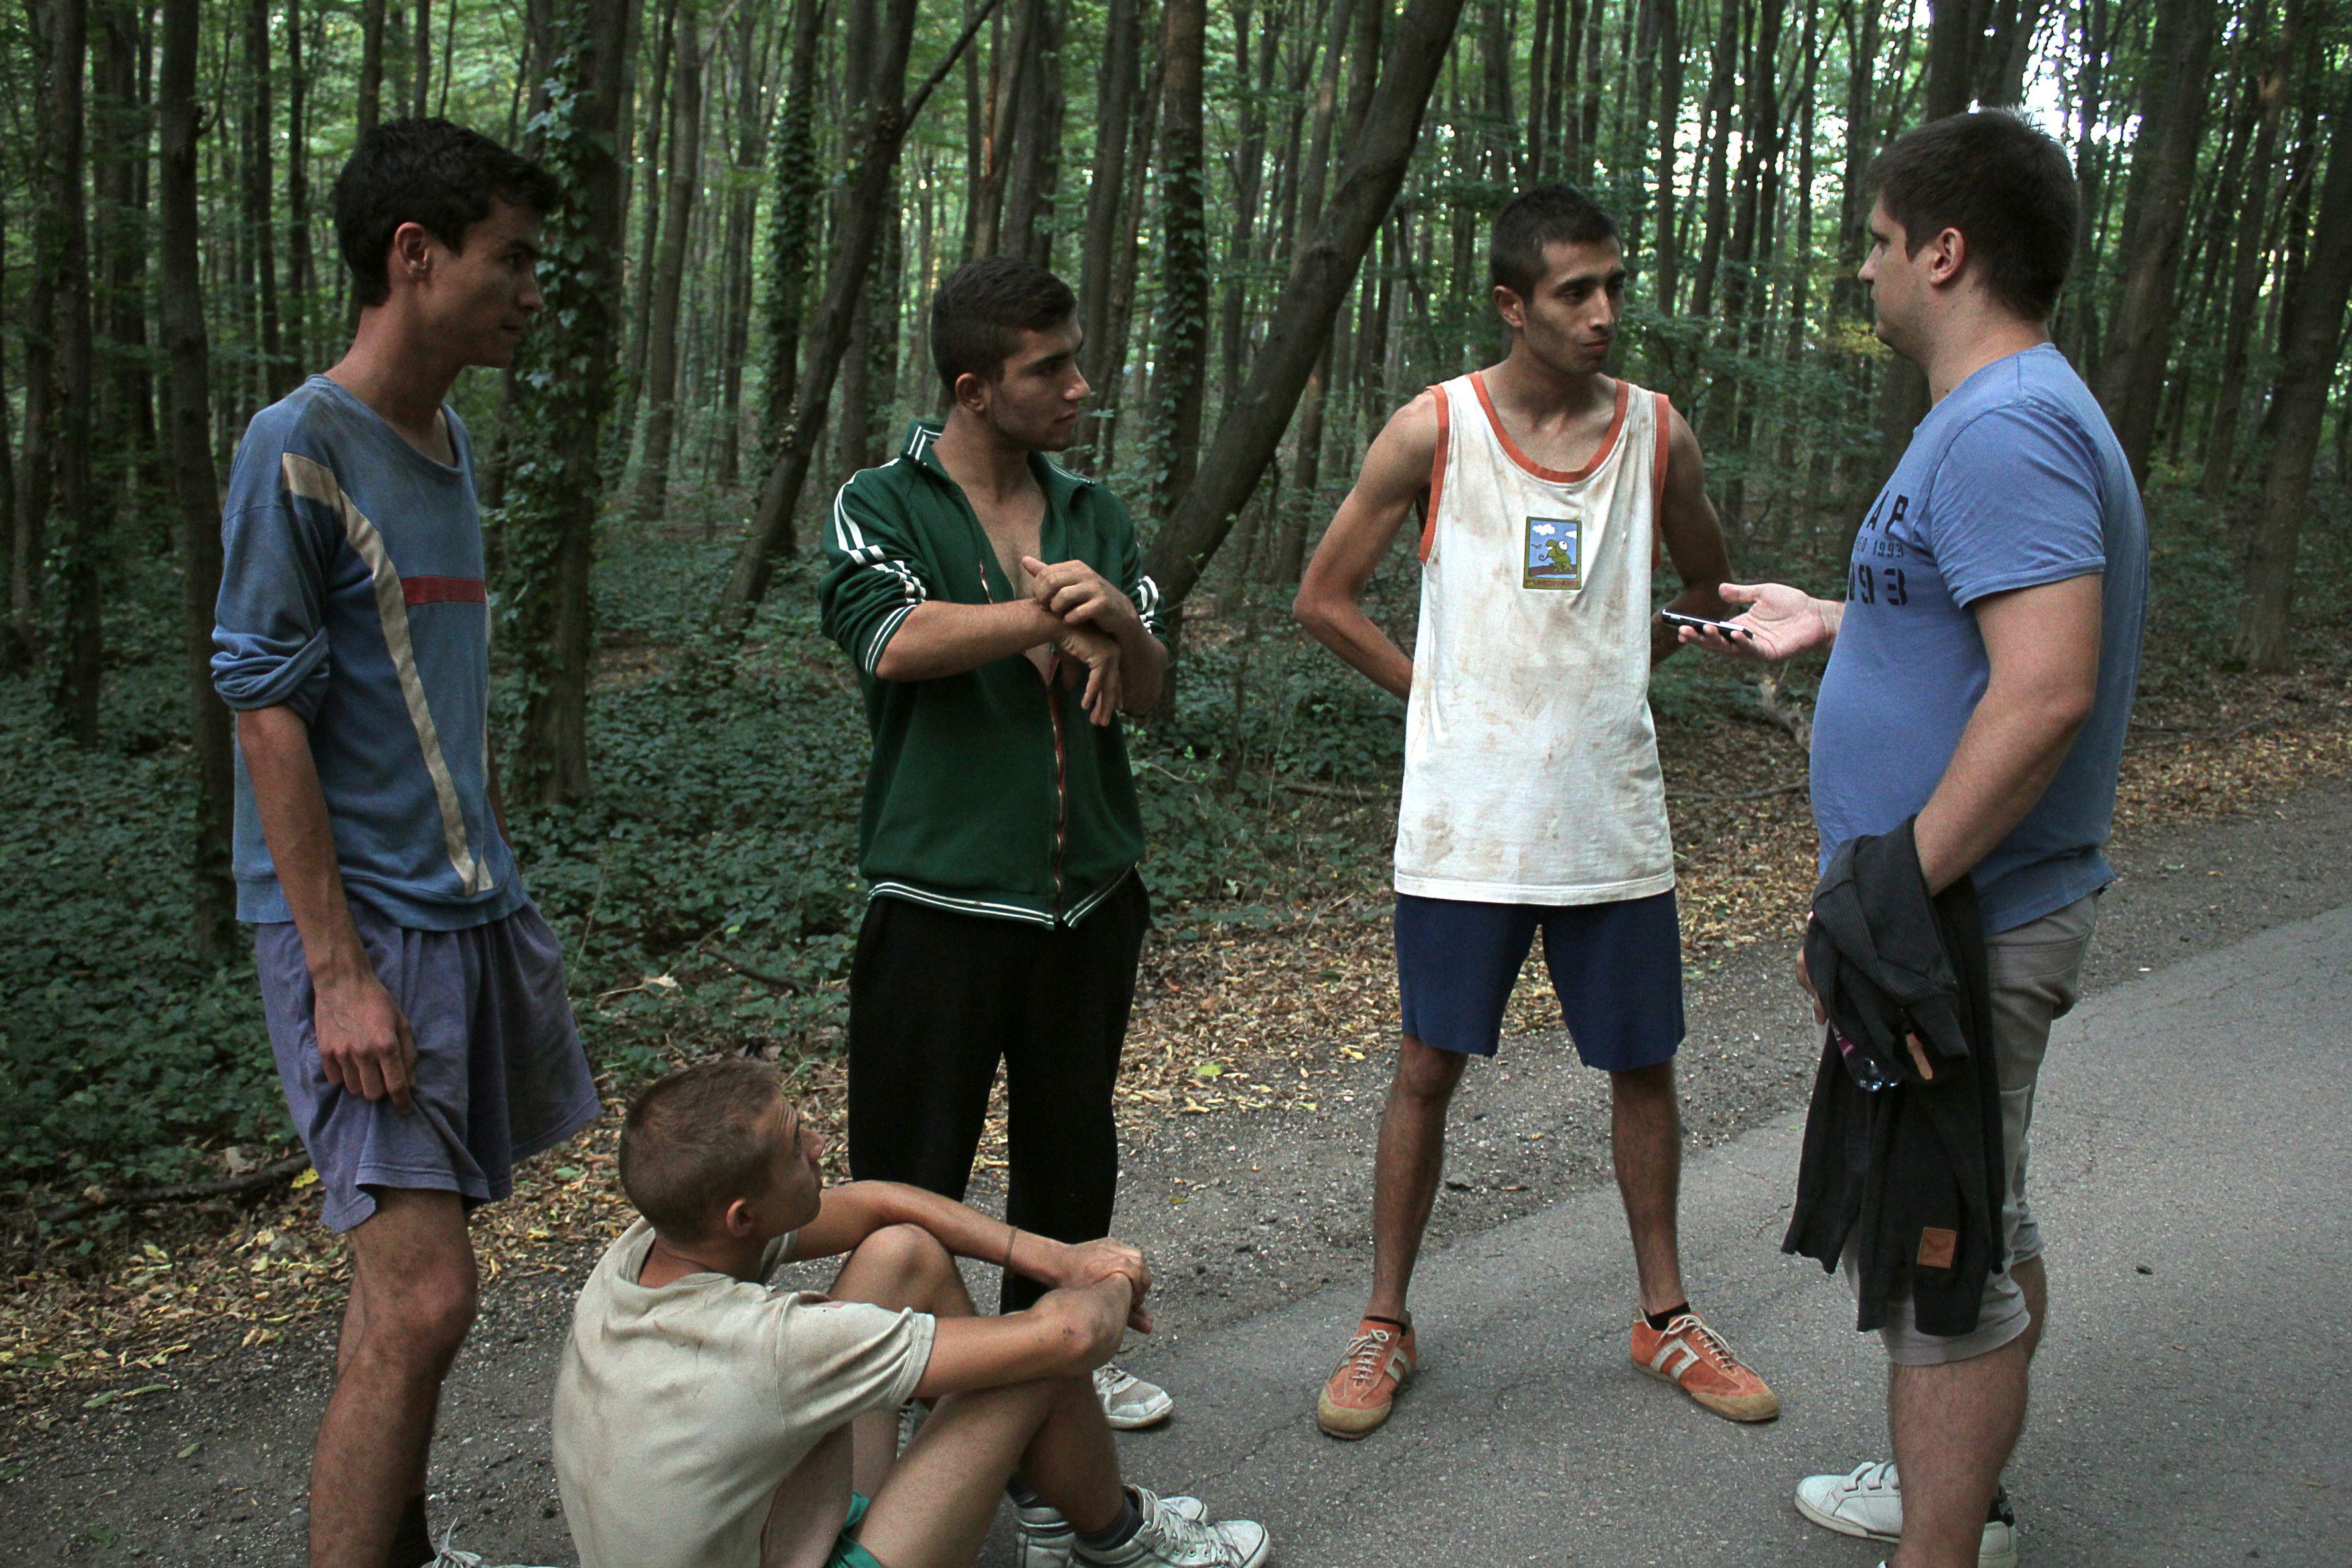 Lakatos Renátó, Lakatos Csaba, Pászik Cristopher és Bergendi Barna interjú közben (Fotó: Bendó Zsuzsanna)